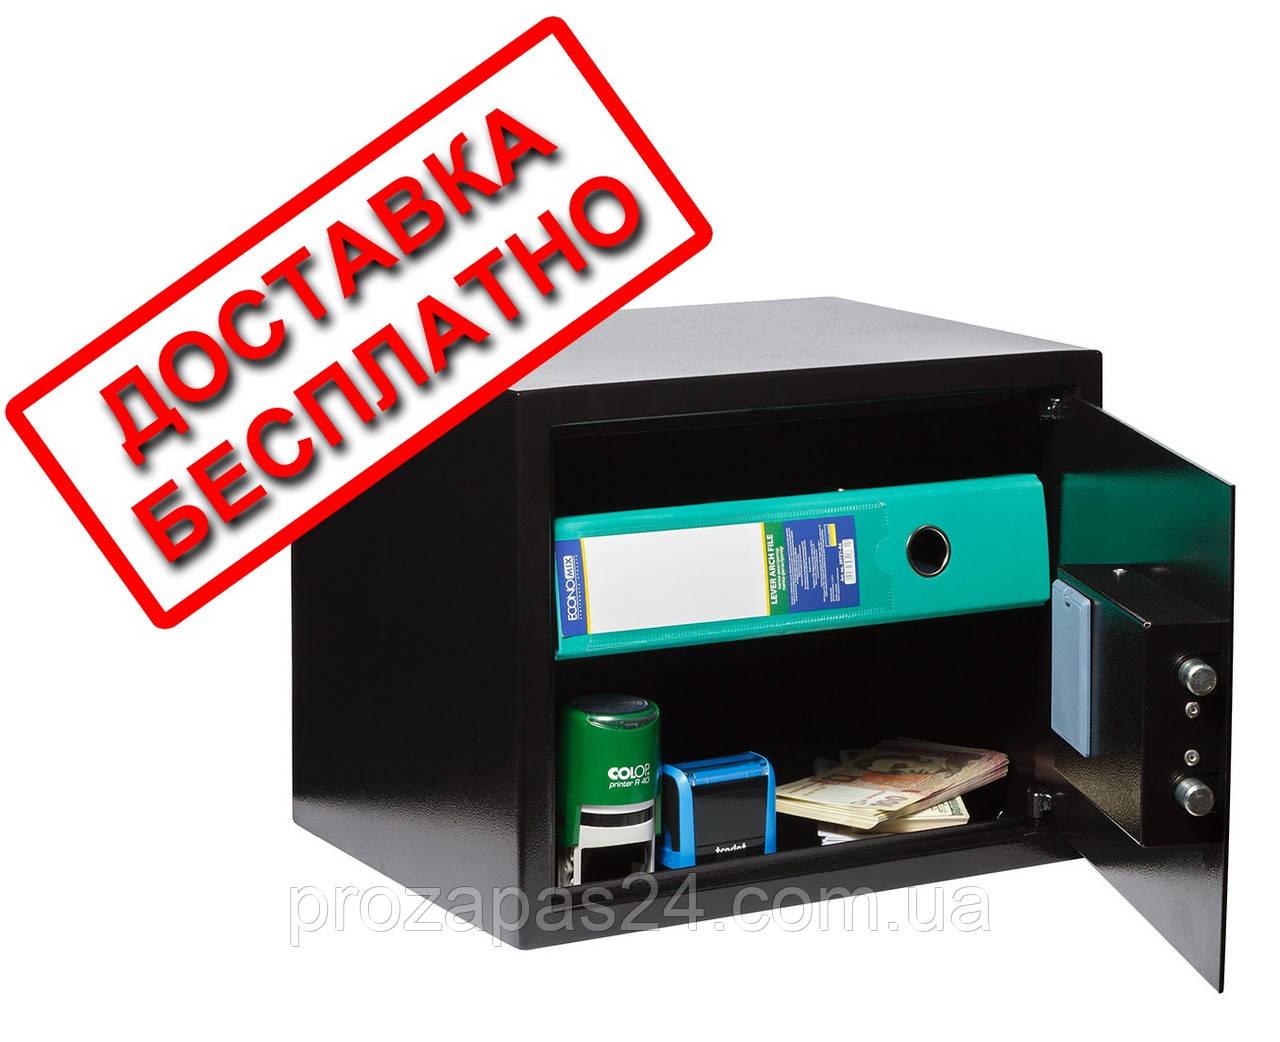 Сейф мебельный черный СМЕ-3010 для дома офиса ВхШхГ 30х38х30см